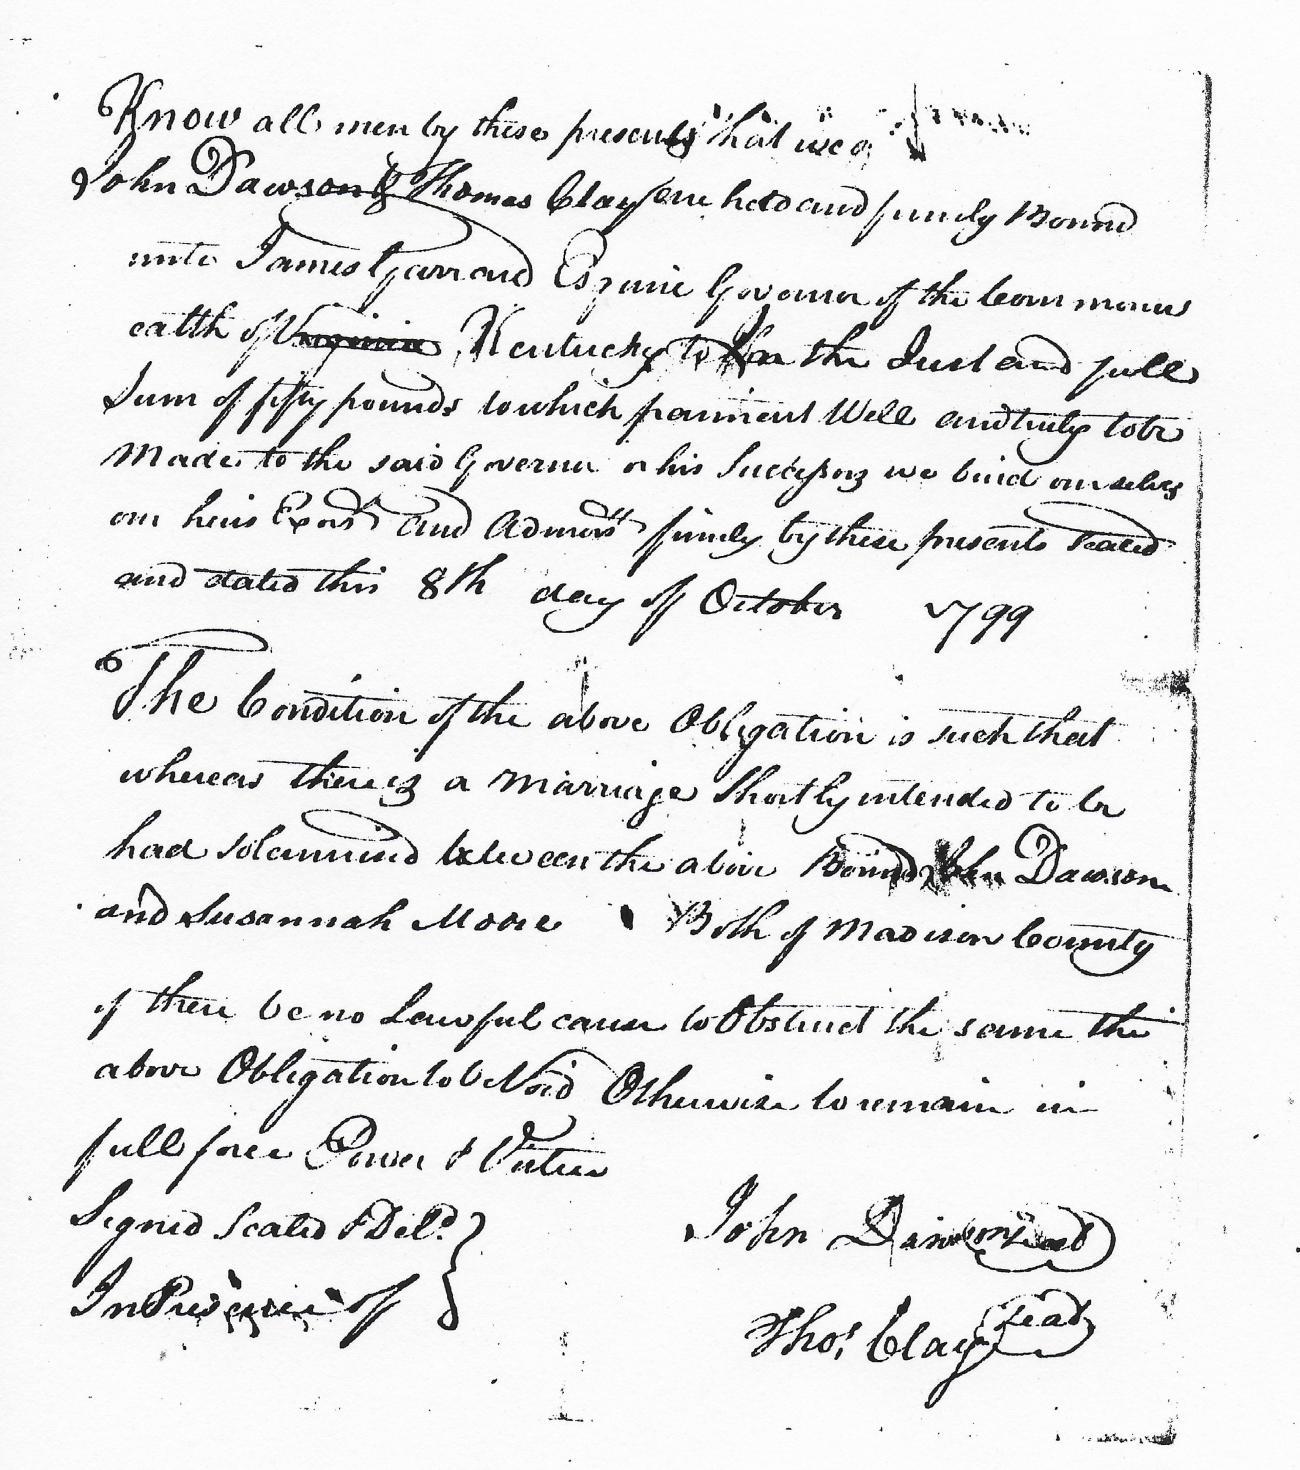 John Dawson And Susannah Moore 1799 Marriage Bond